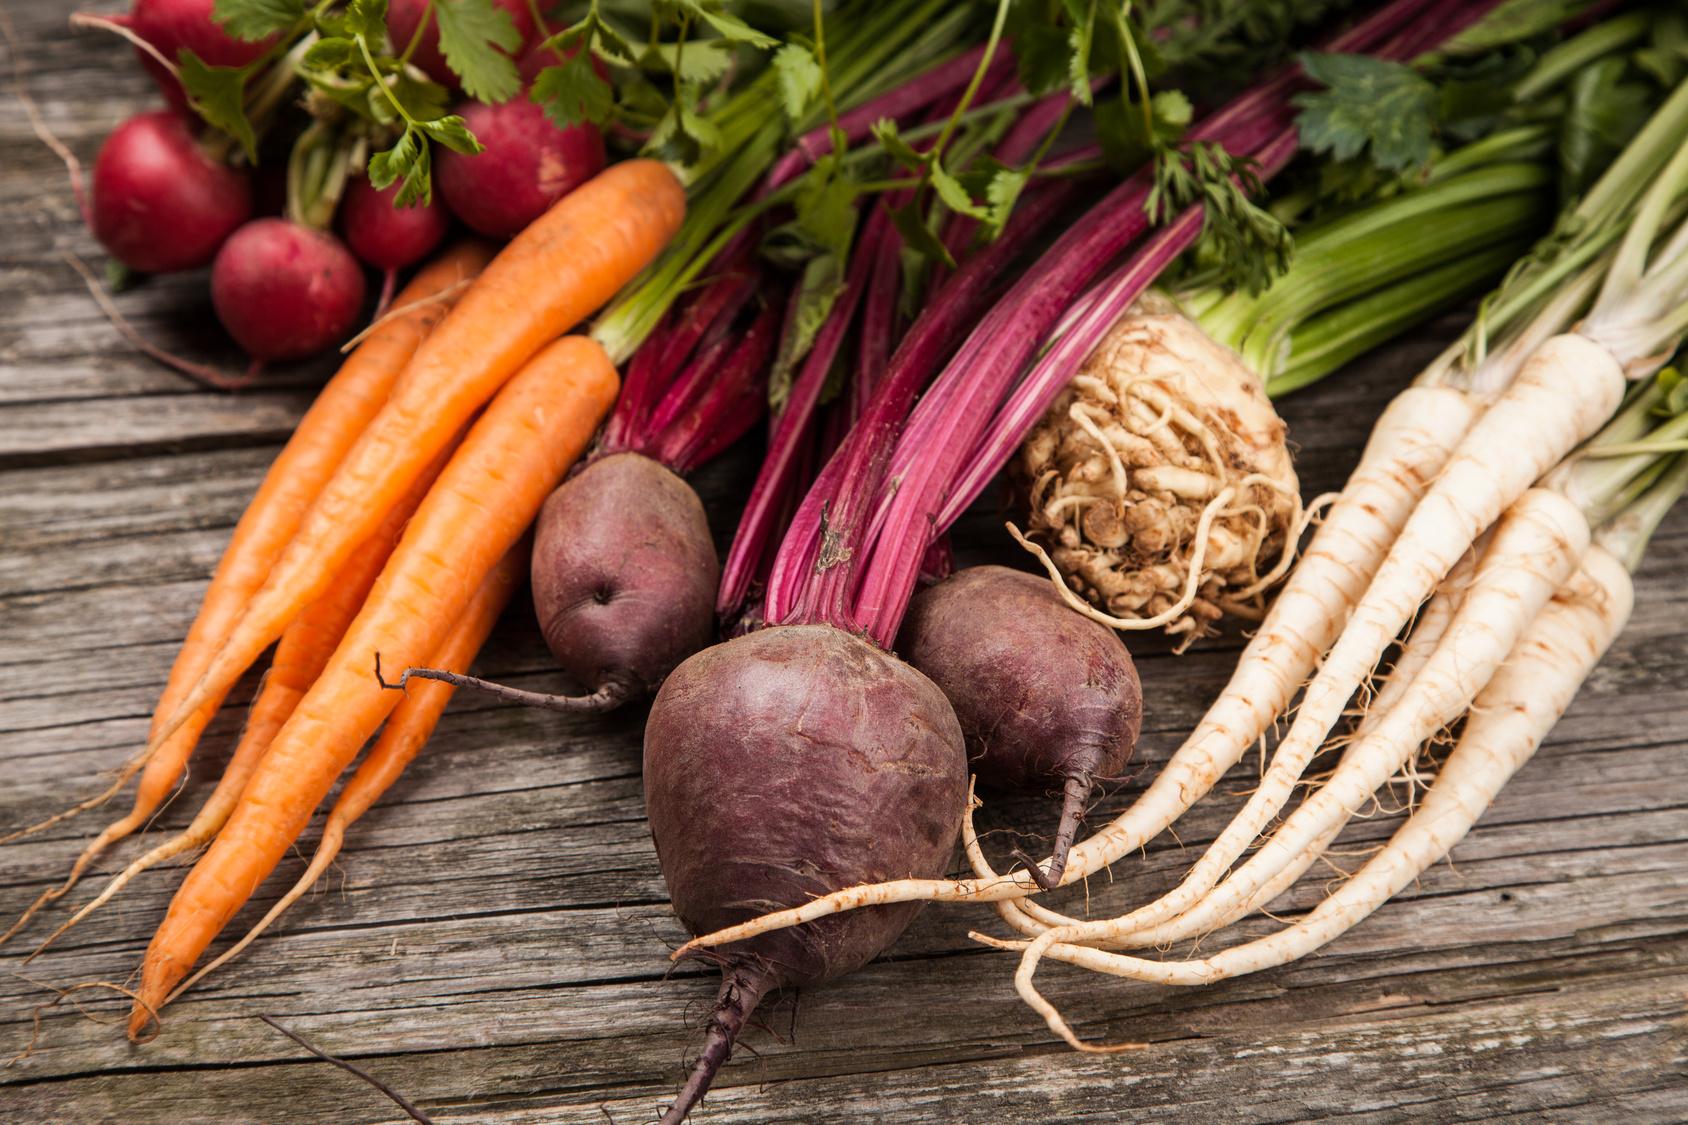 Wysokie ceny warzyw krajowych